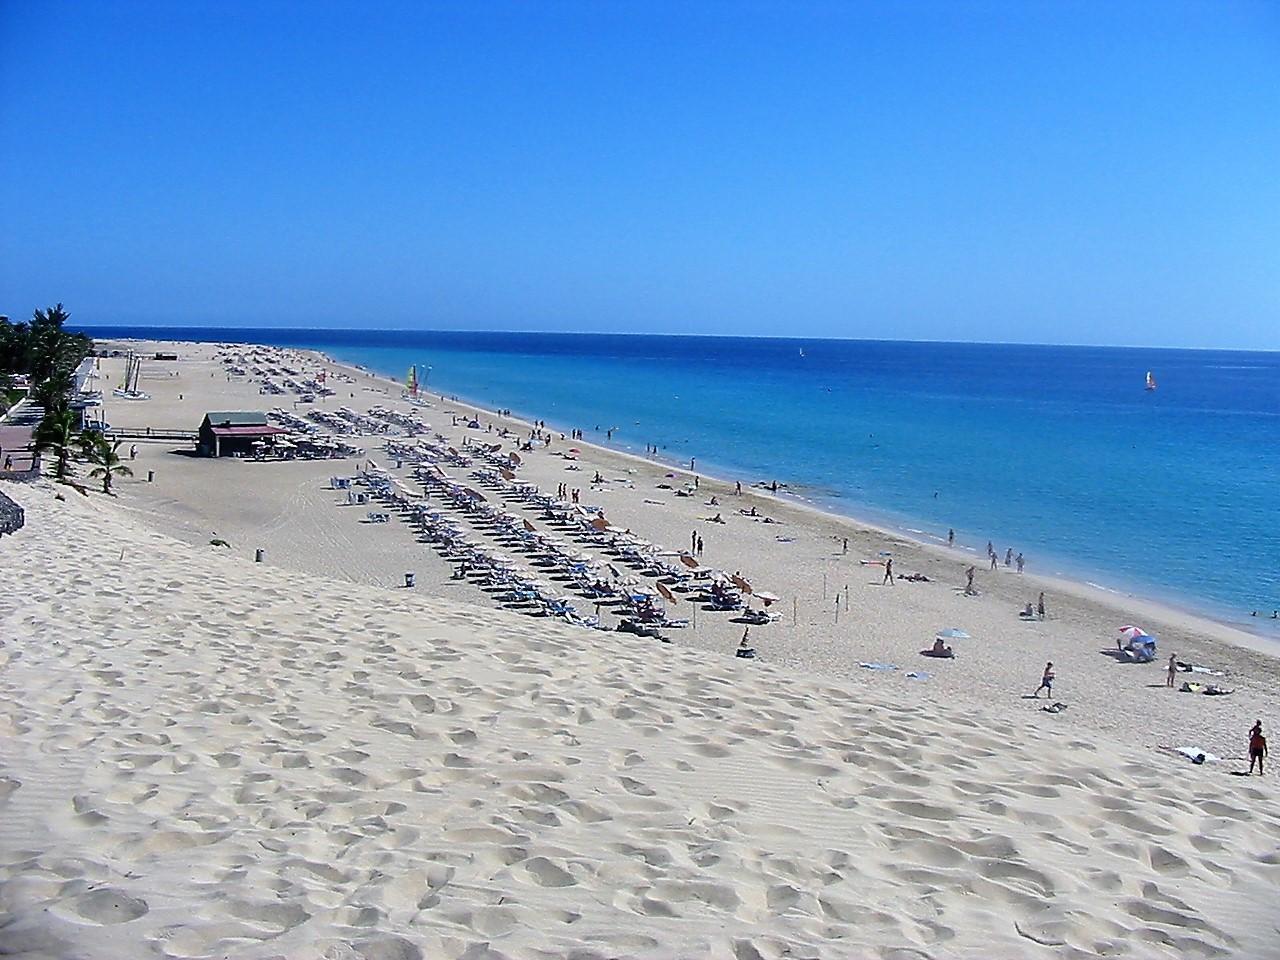 Ferienwohnung Apartment 2 / 4p am Strand und mit allen Dienstleistungen, mit Meerblick, Swimmingpools, a (487787), Morro Jable, Fuerteventura, Kanarische Inseln, Spanien, Bild 27